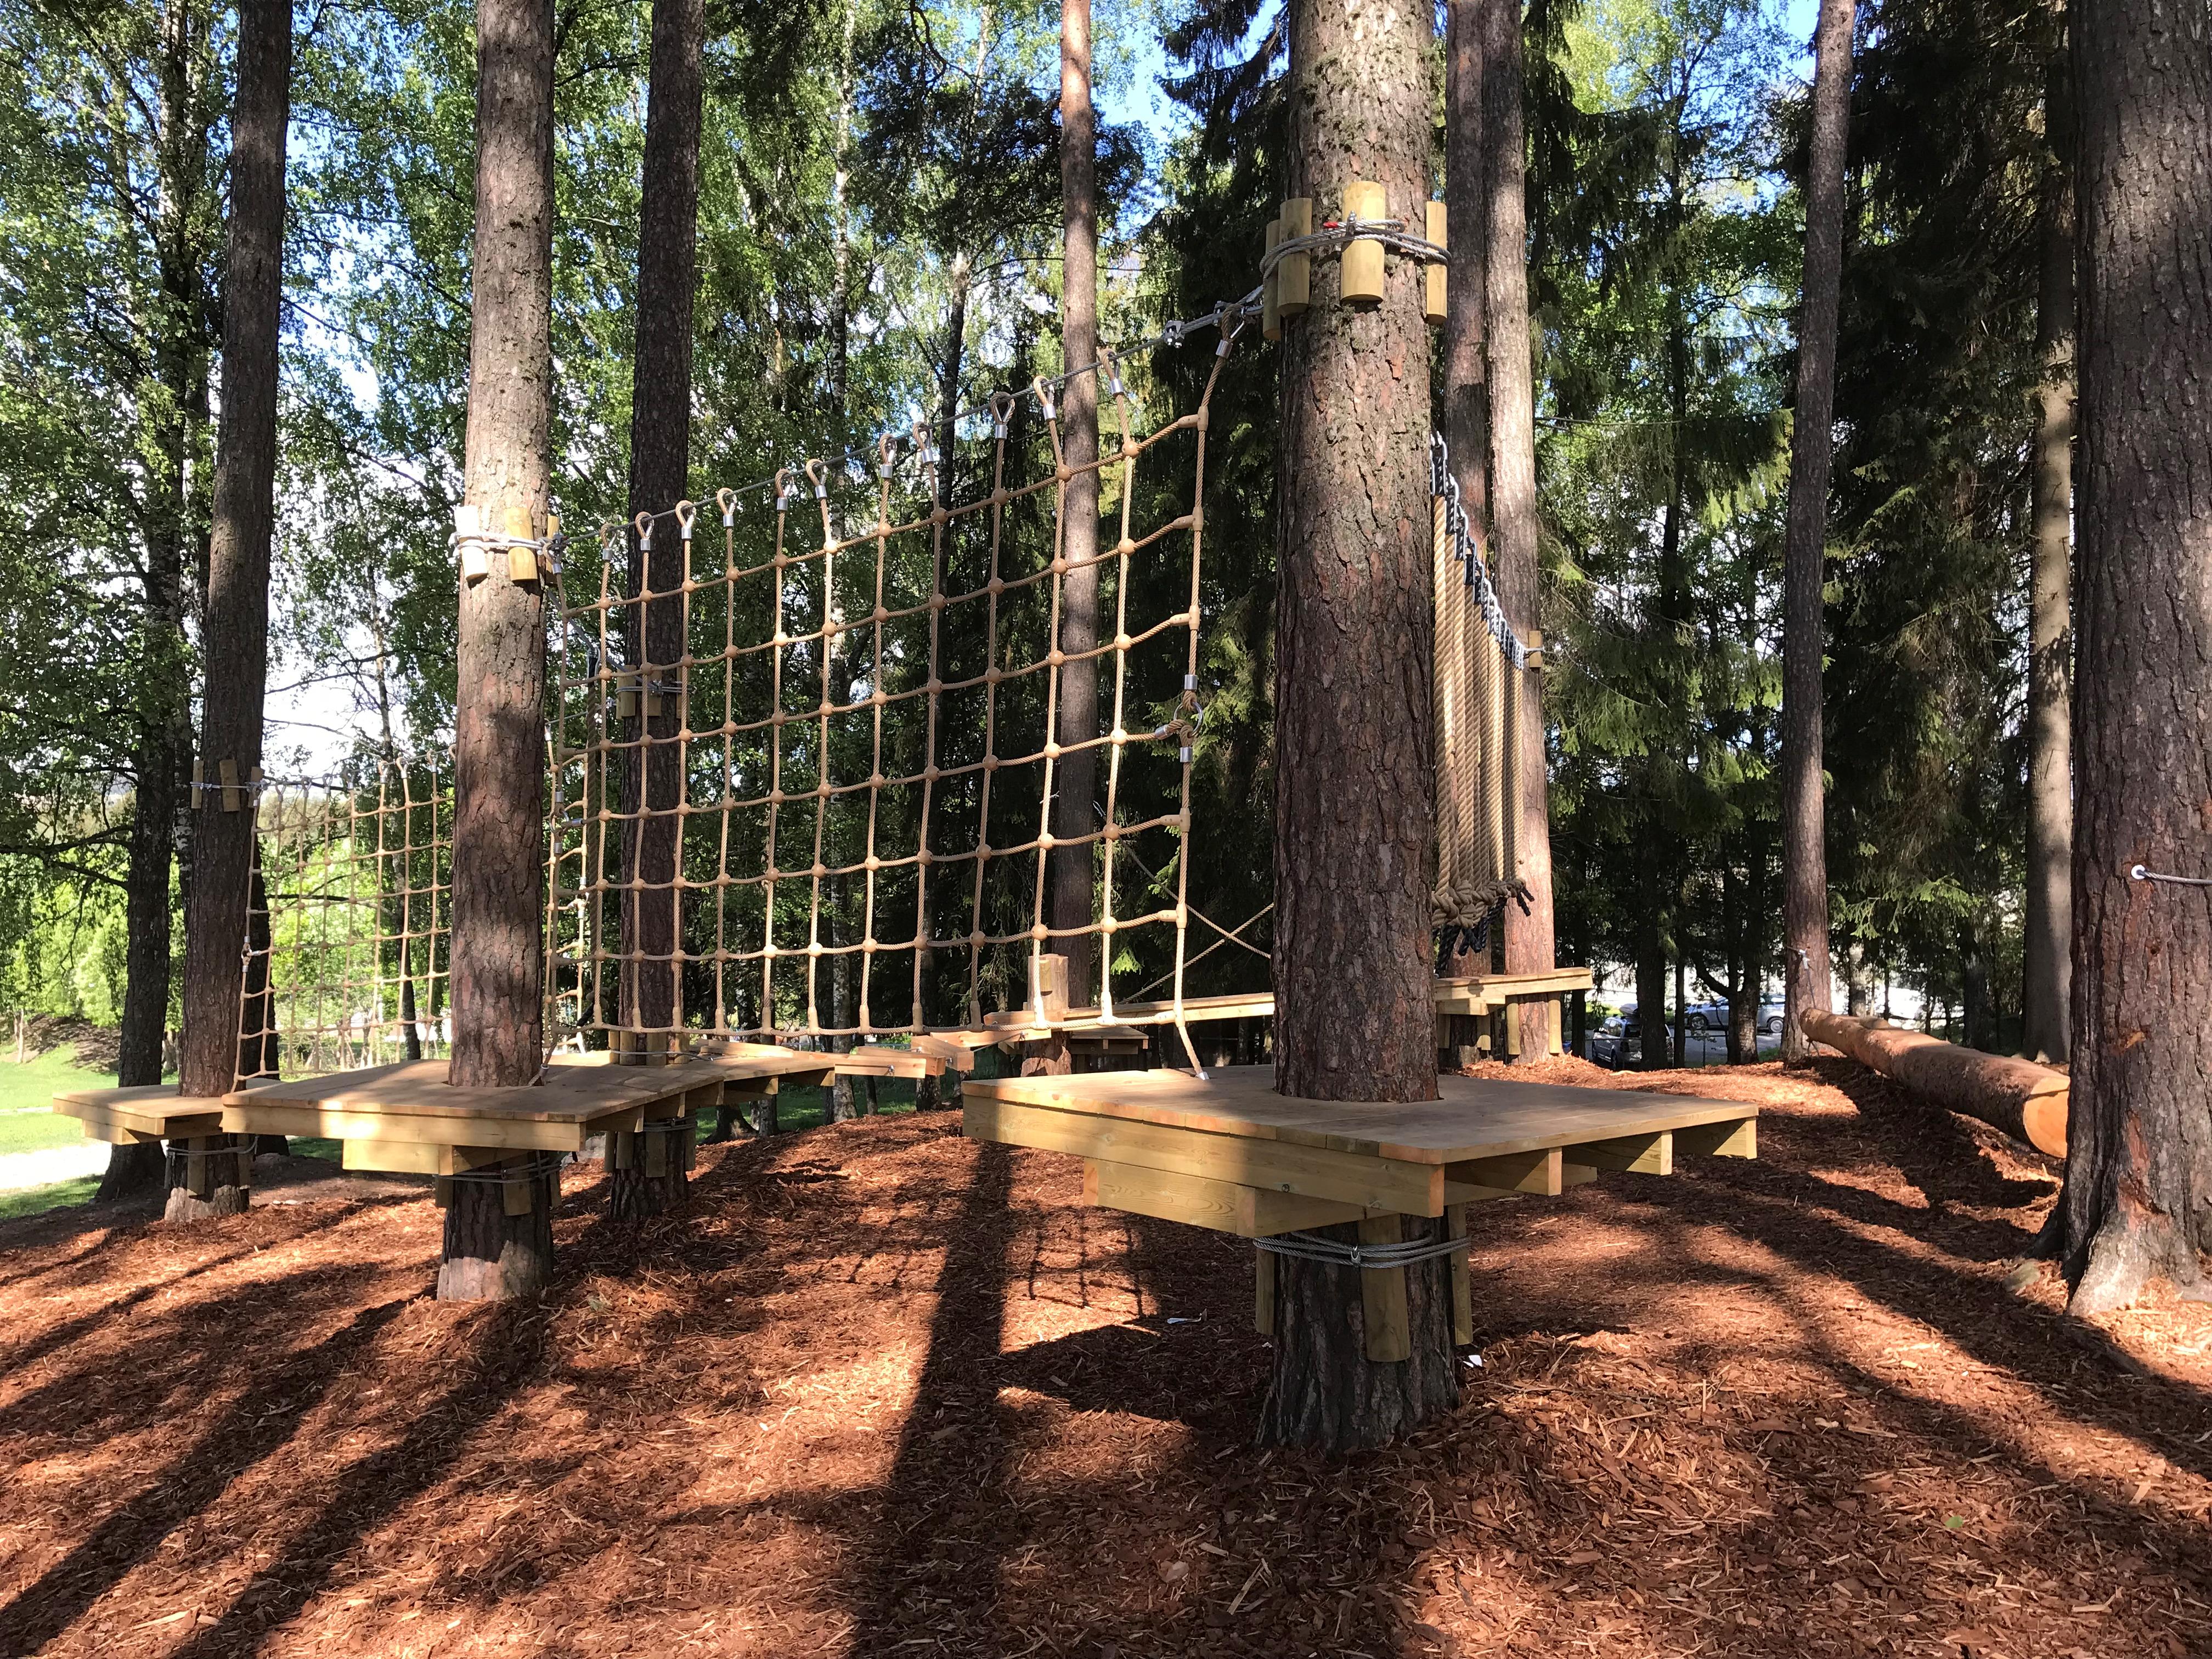 Bilde av klatre-/hinderløypa i skolens skogsområde